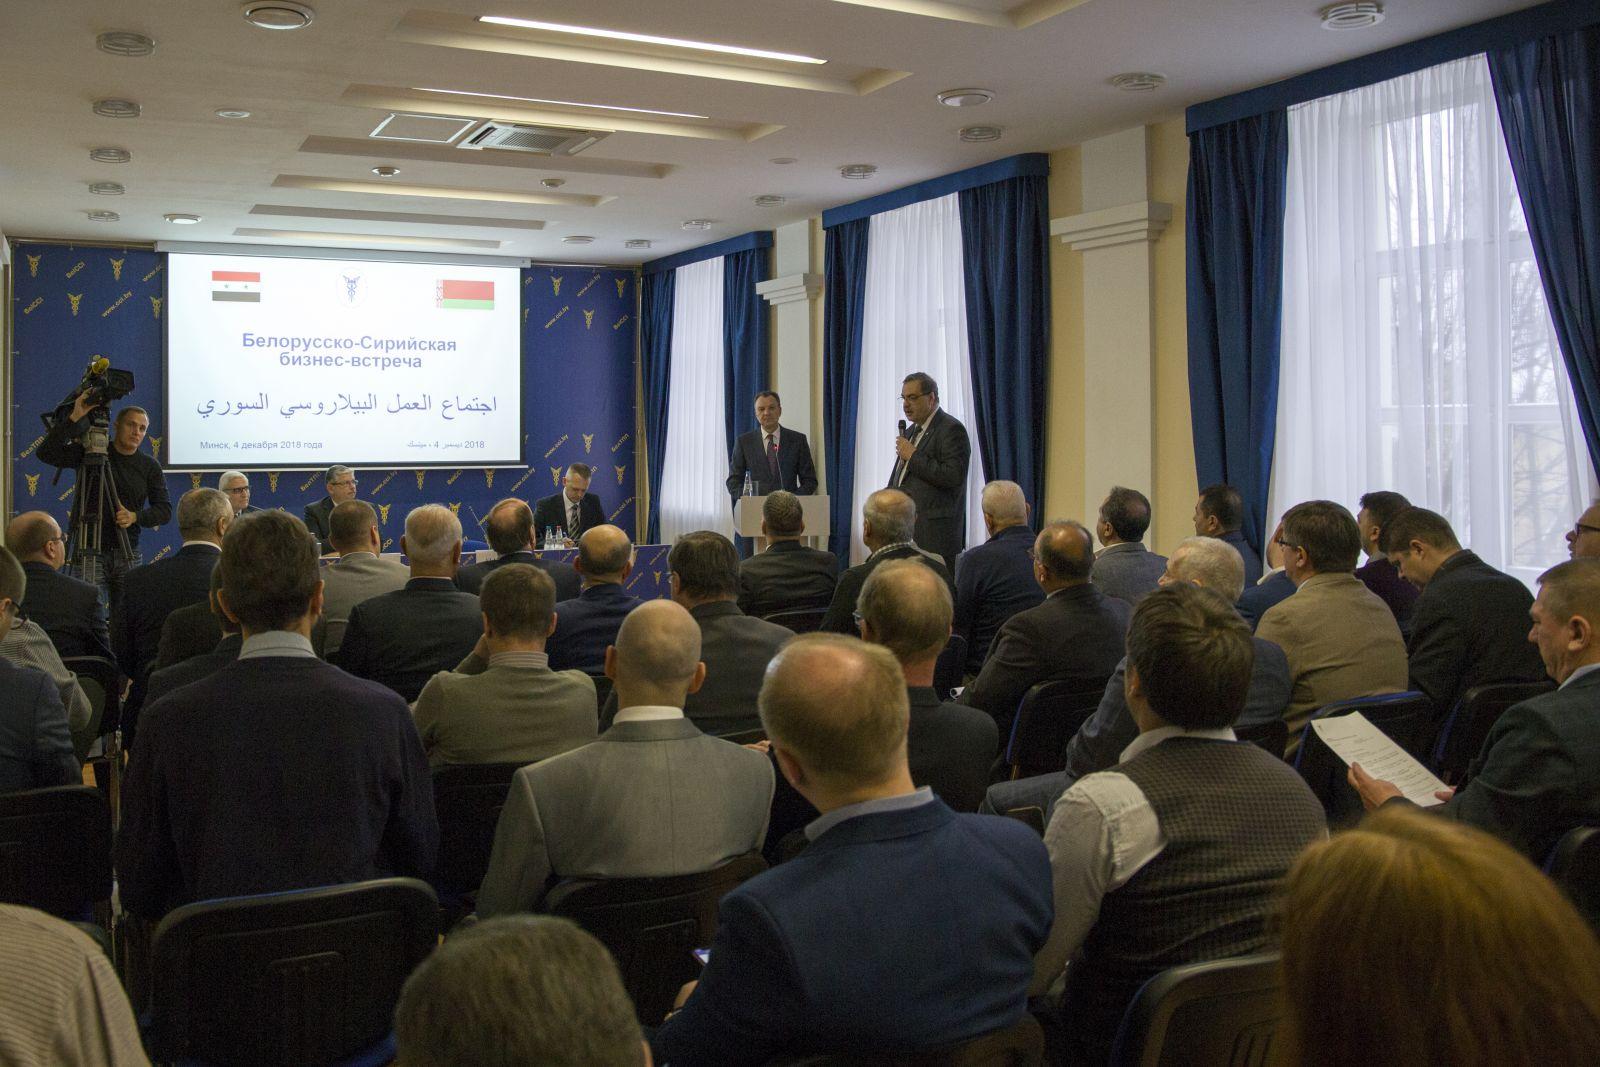 белорусско-сирийская бизнес-встреча 4_12_2018 016